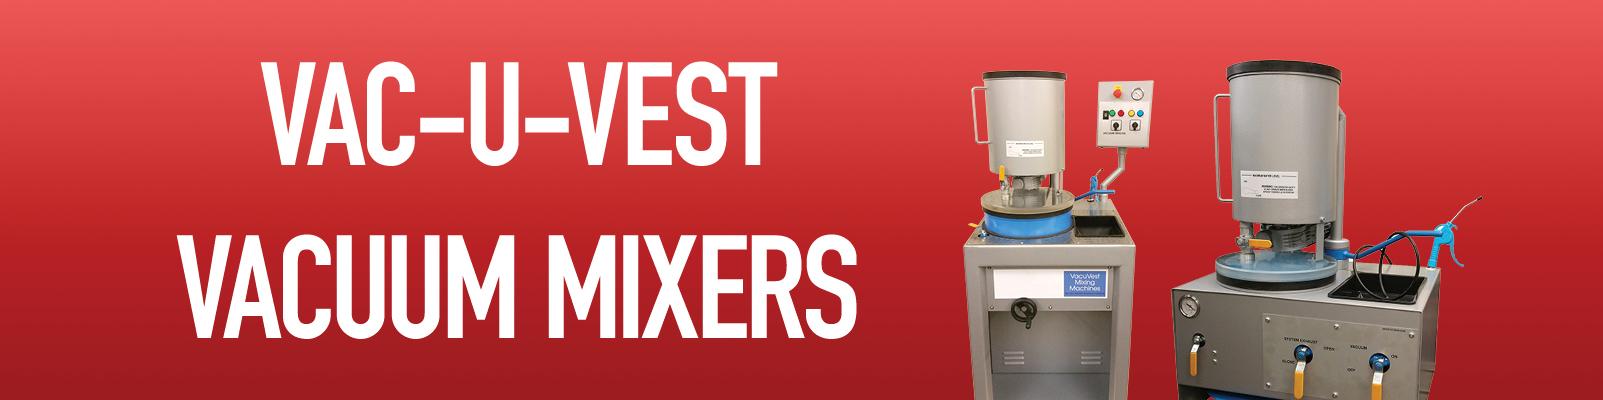 Vac-U-Vest Vacuum Mixers